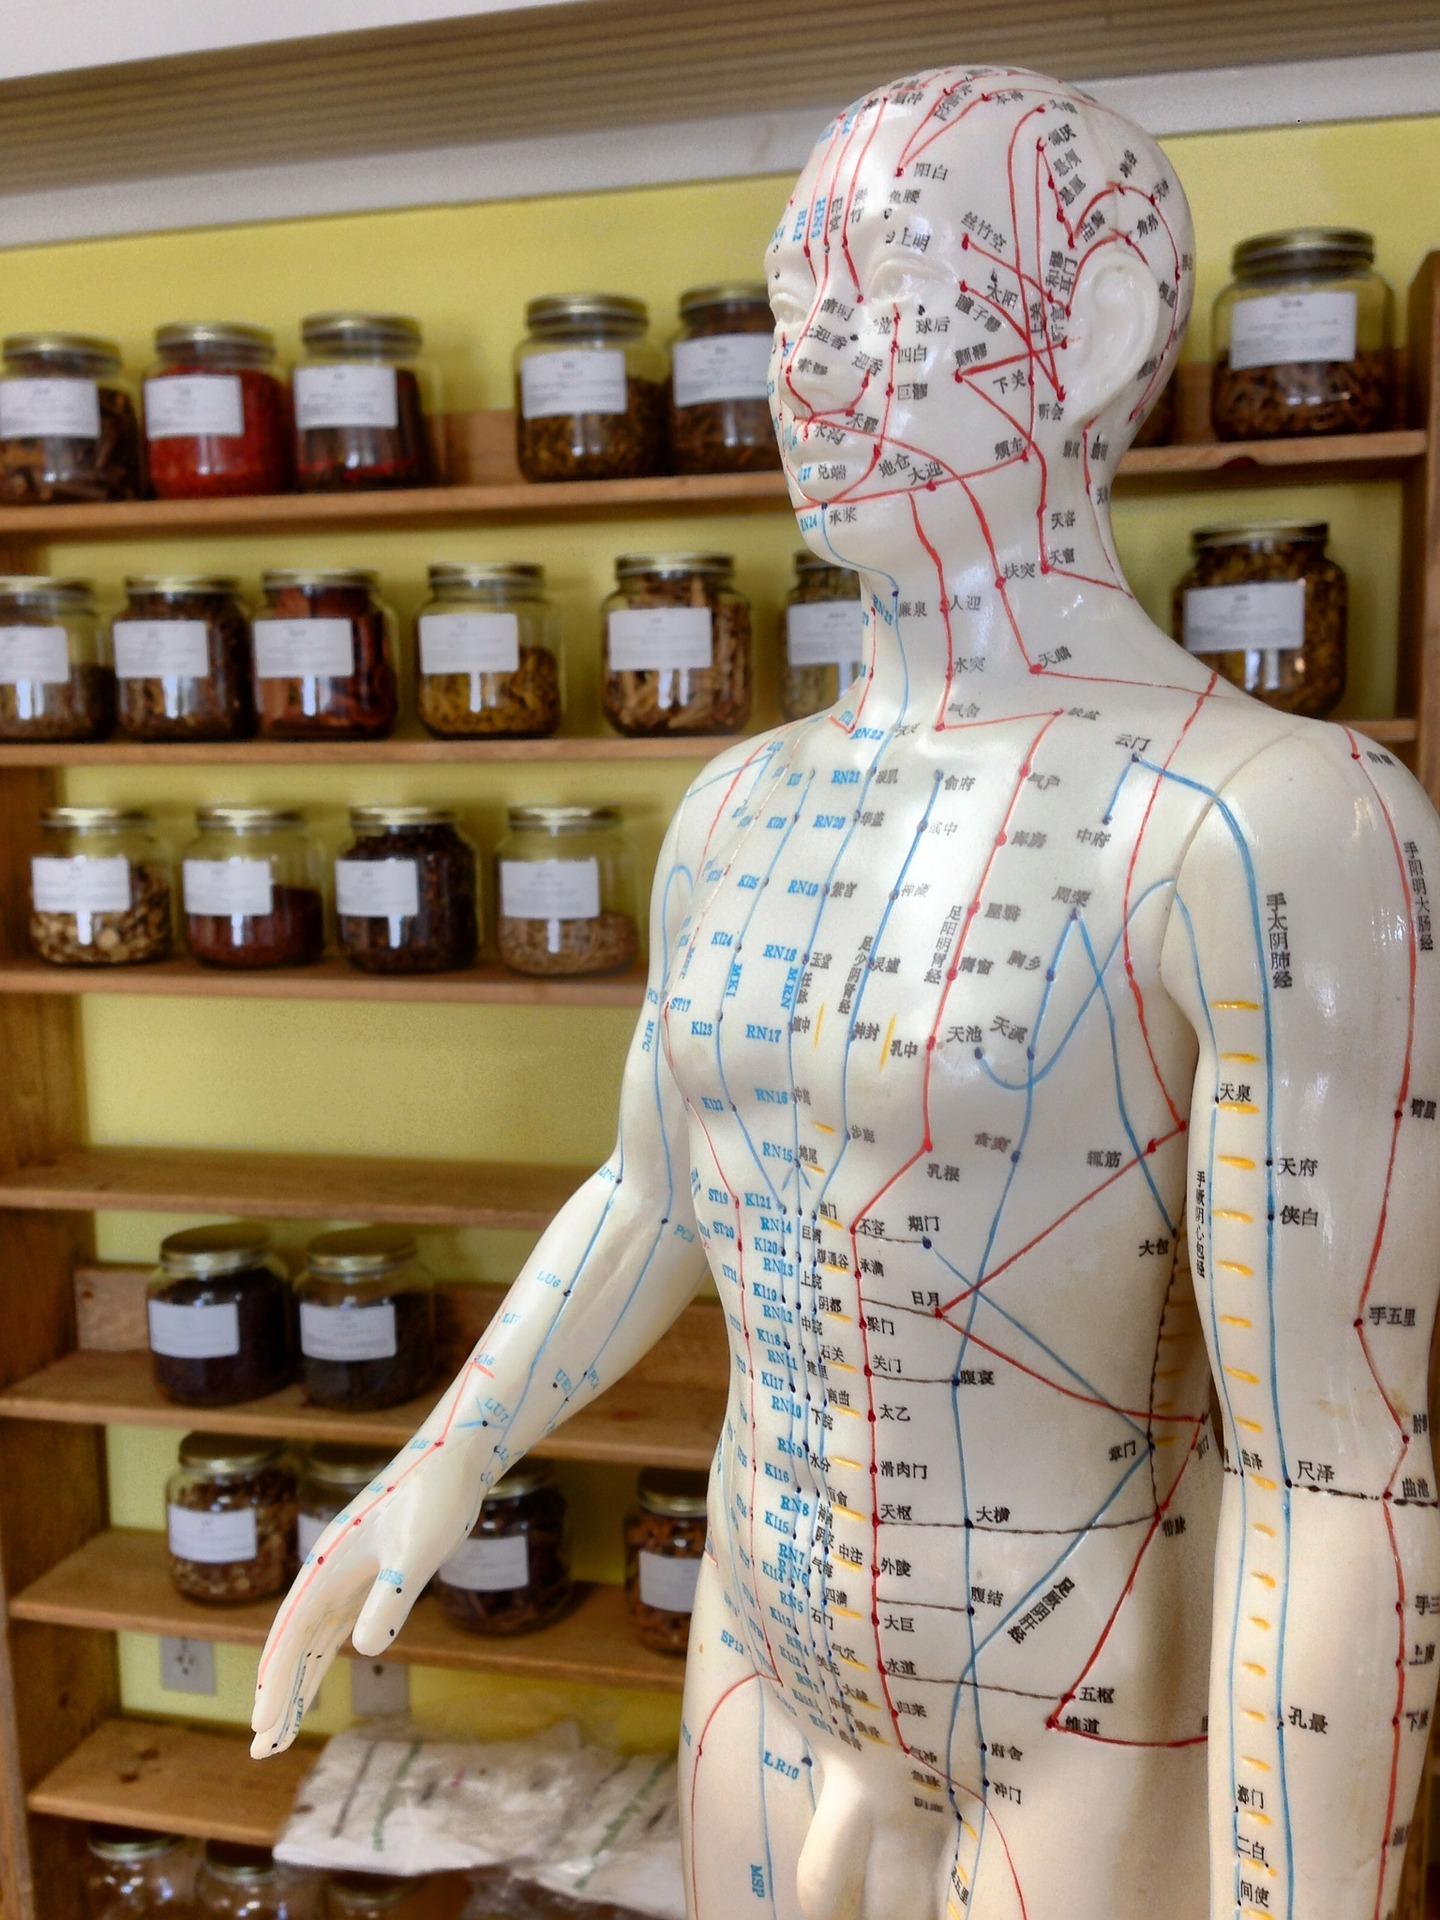 L'acupuncture corrige les blocages du qi qui causent ces douleurs et, lorsqu'elle est utilisée correctement, elle peut réduire l'hypersensibilité associée à la douleur neuropathique (Image: Bekaschiller / Pixabay).